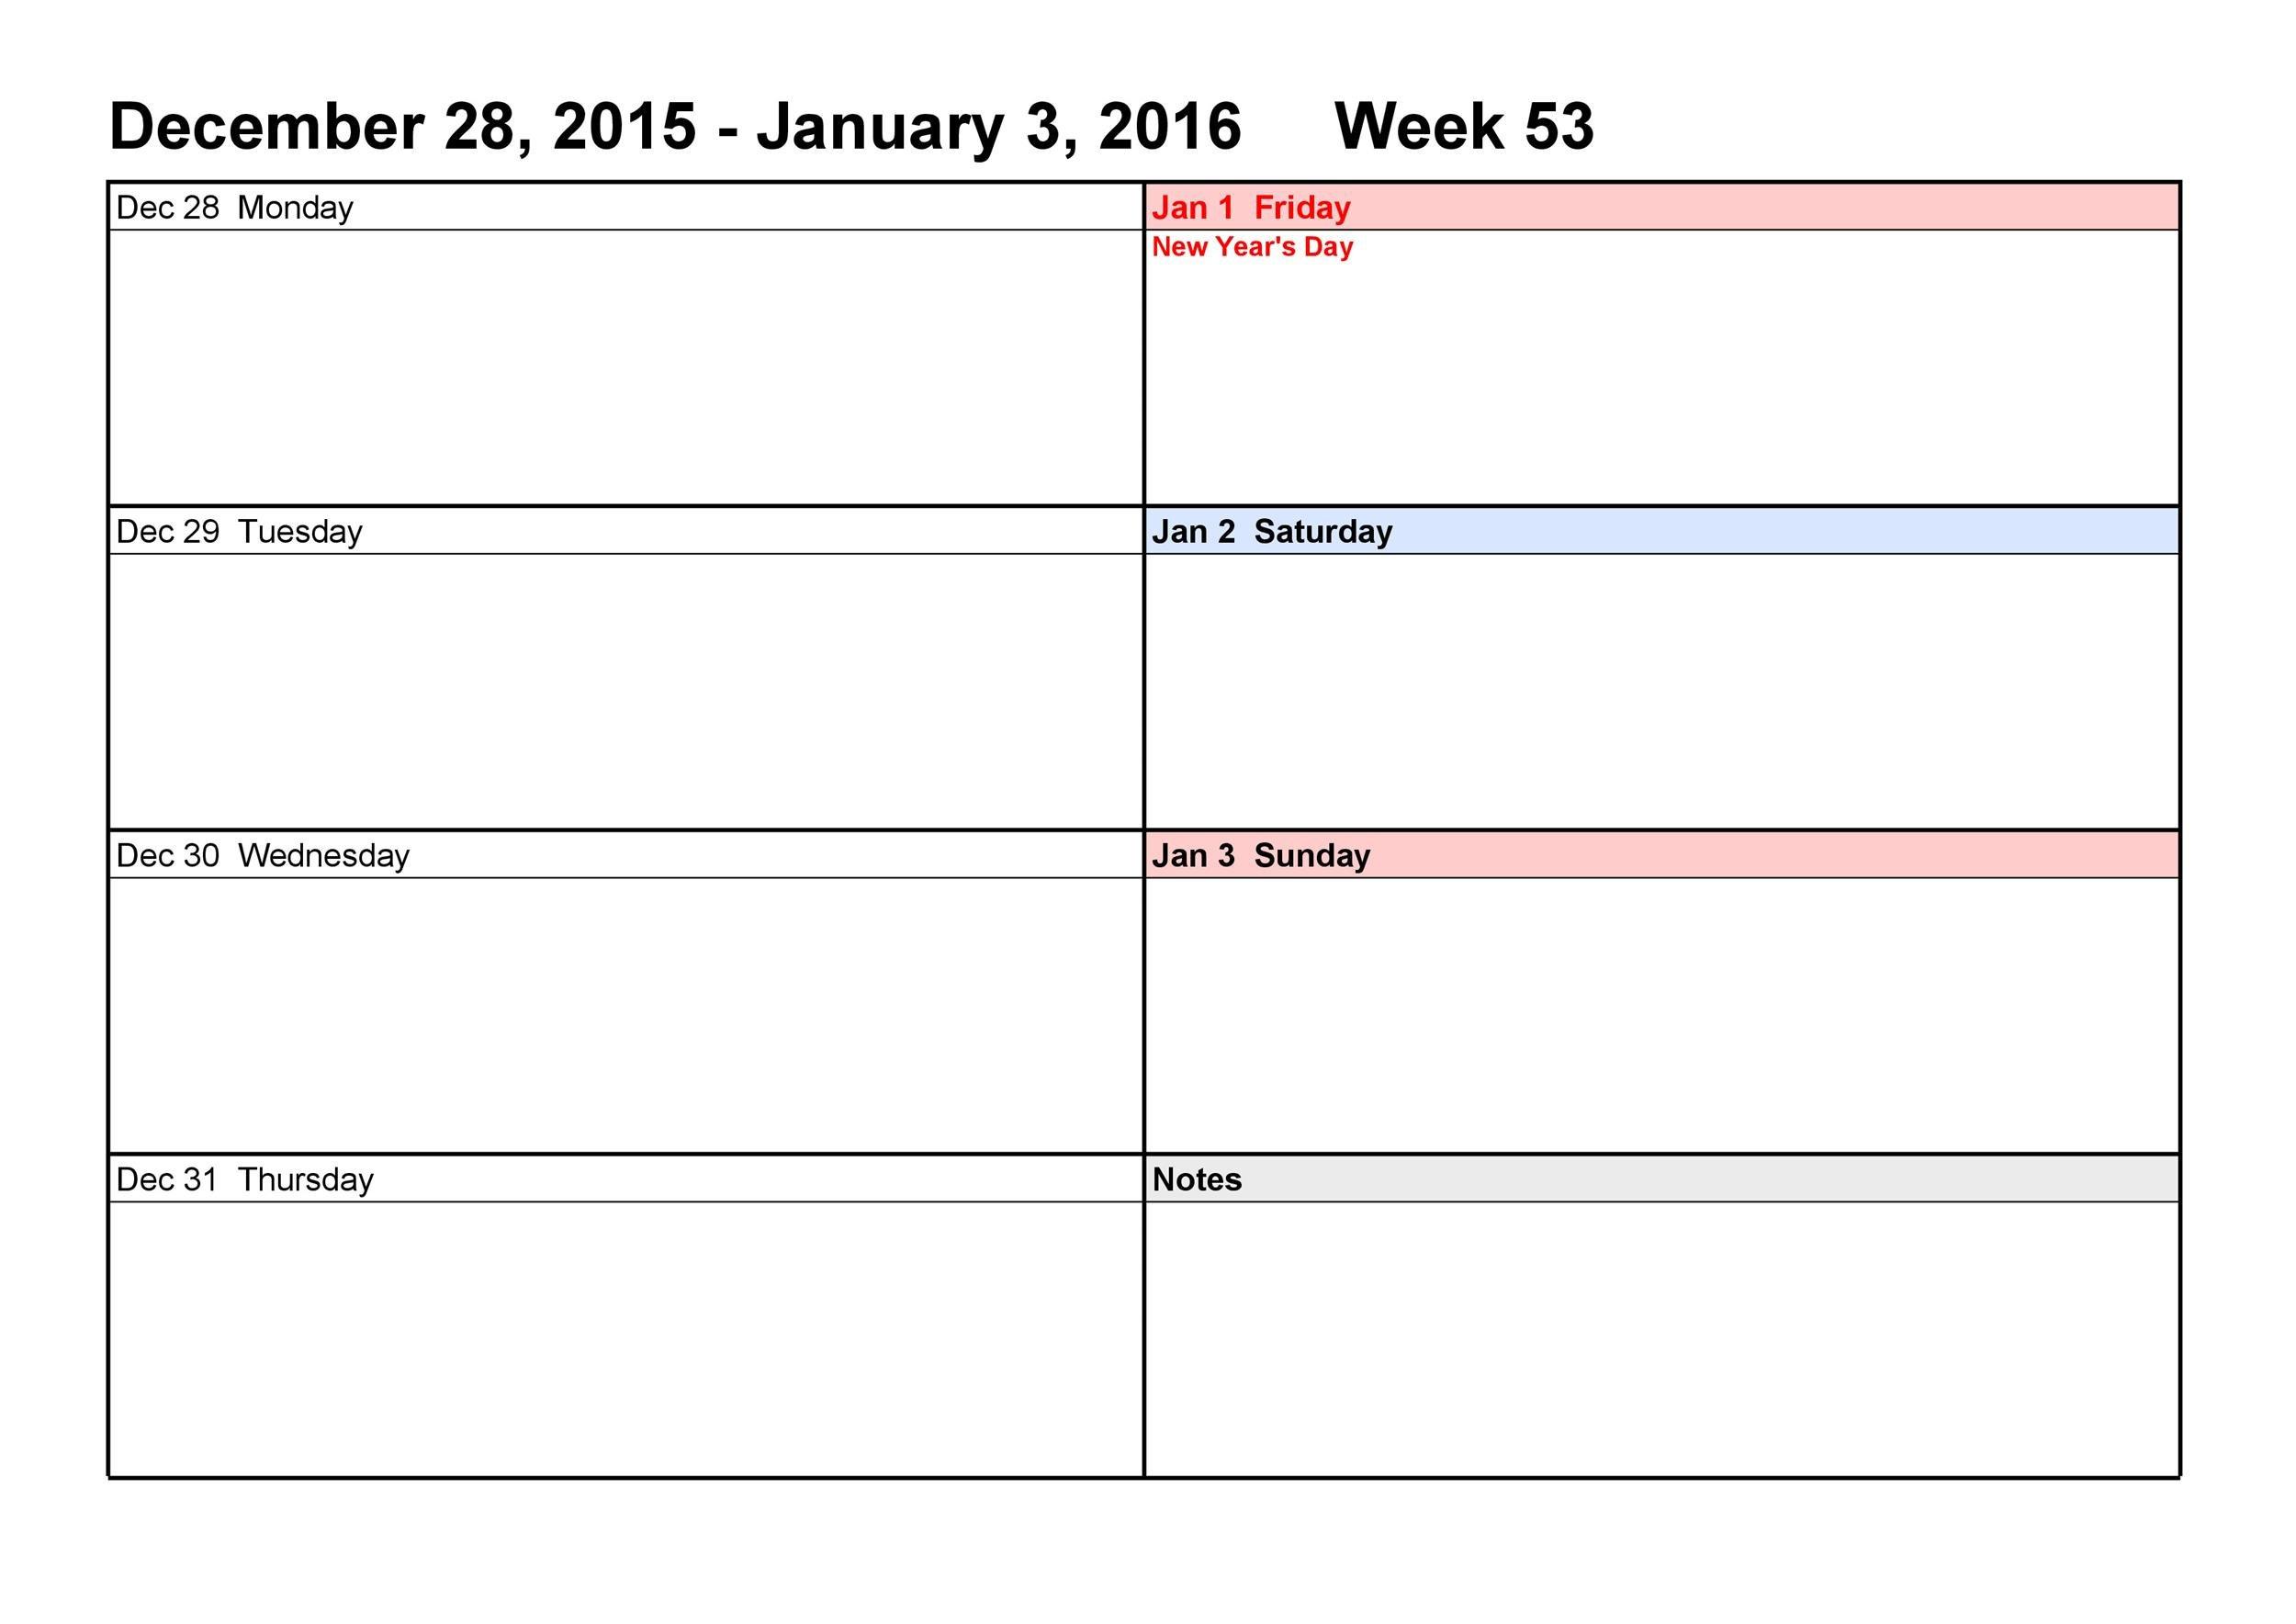 26 Blank Weekly Calendar Templates [Pdf, Excel, Word] ᐅ Free Printable 2 Week Calendar